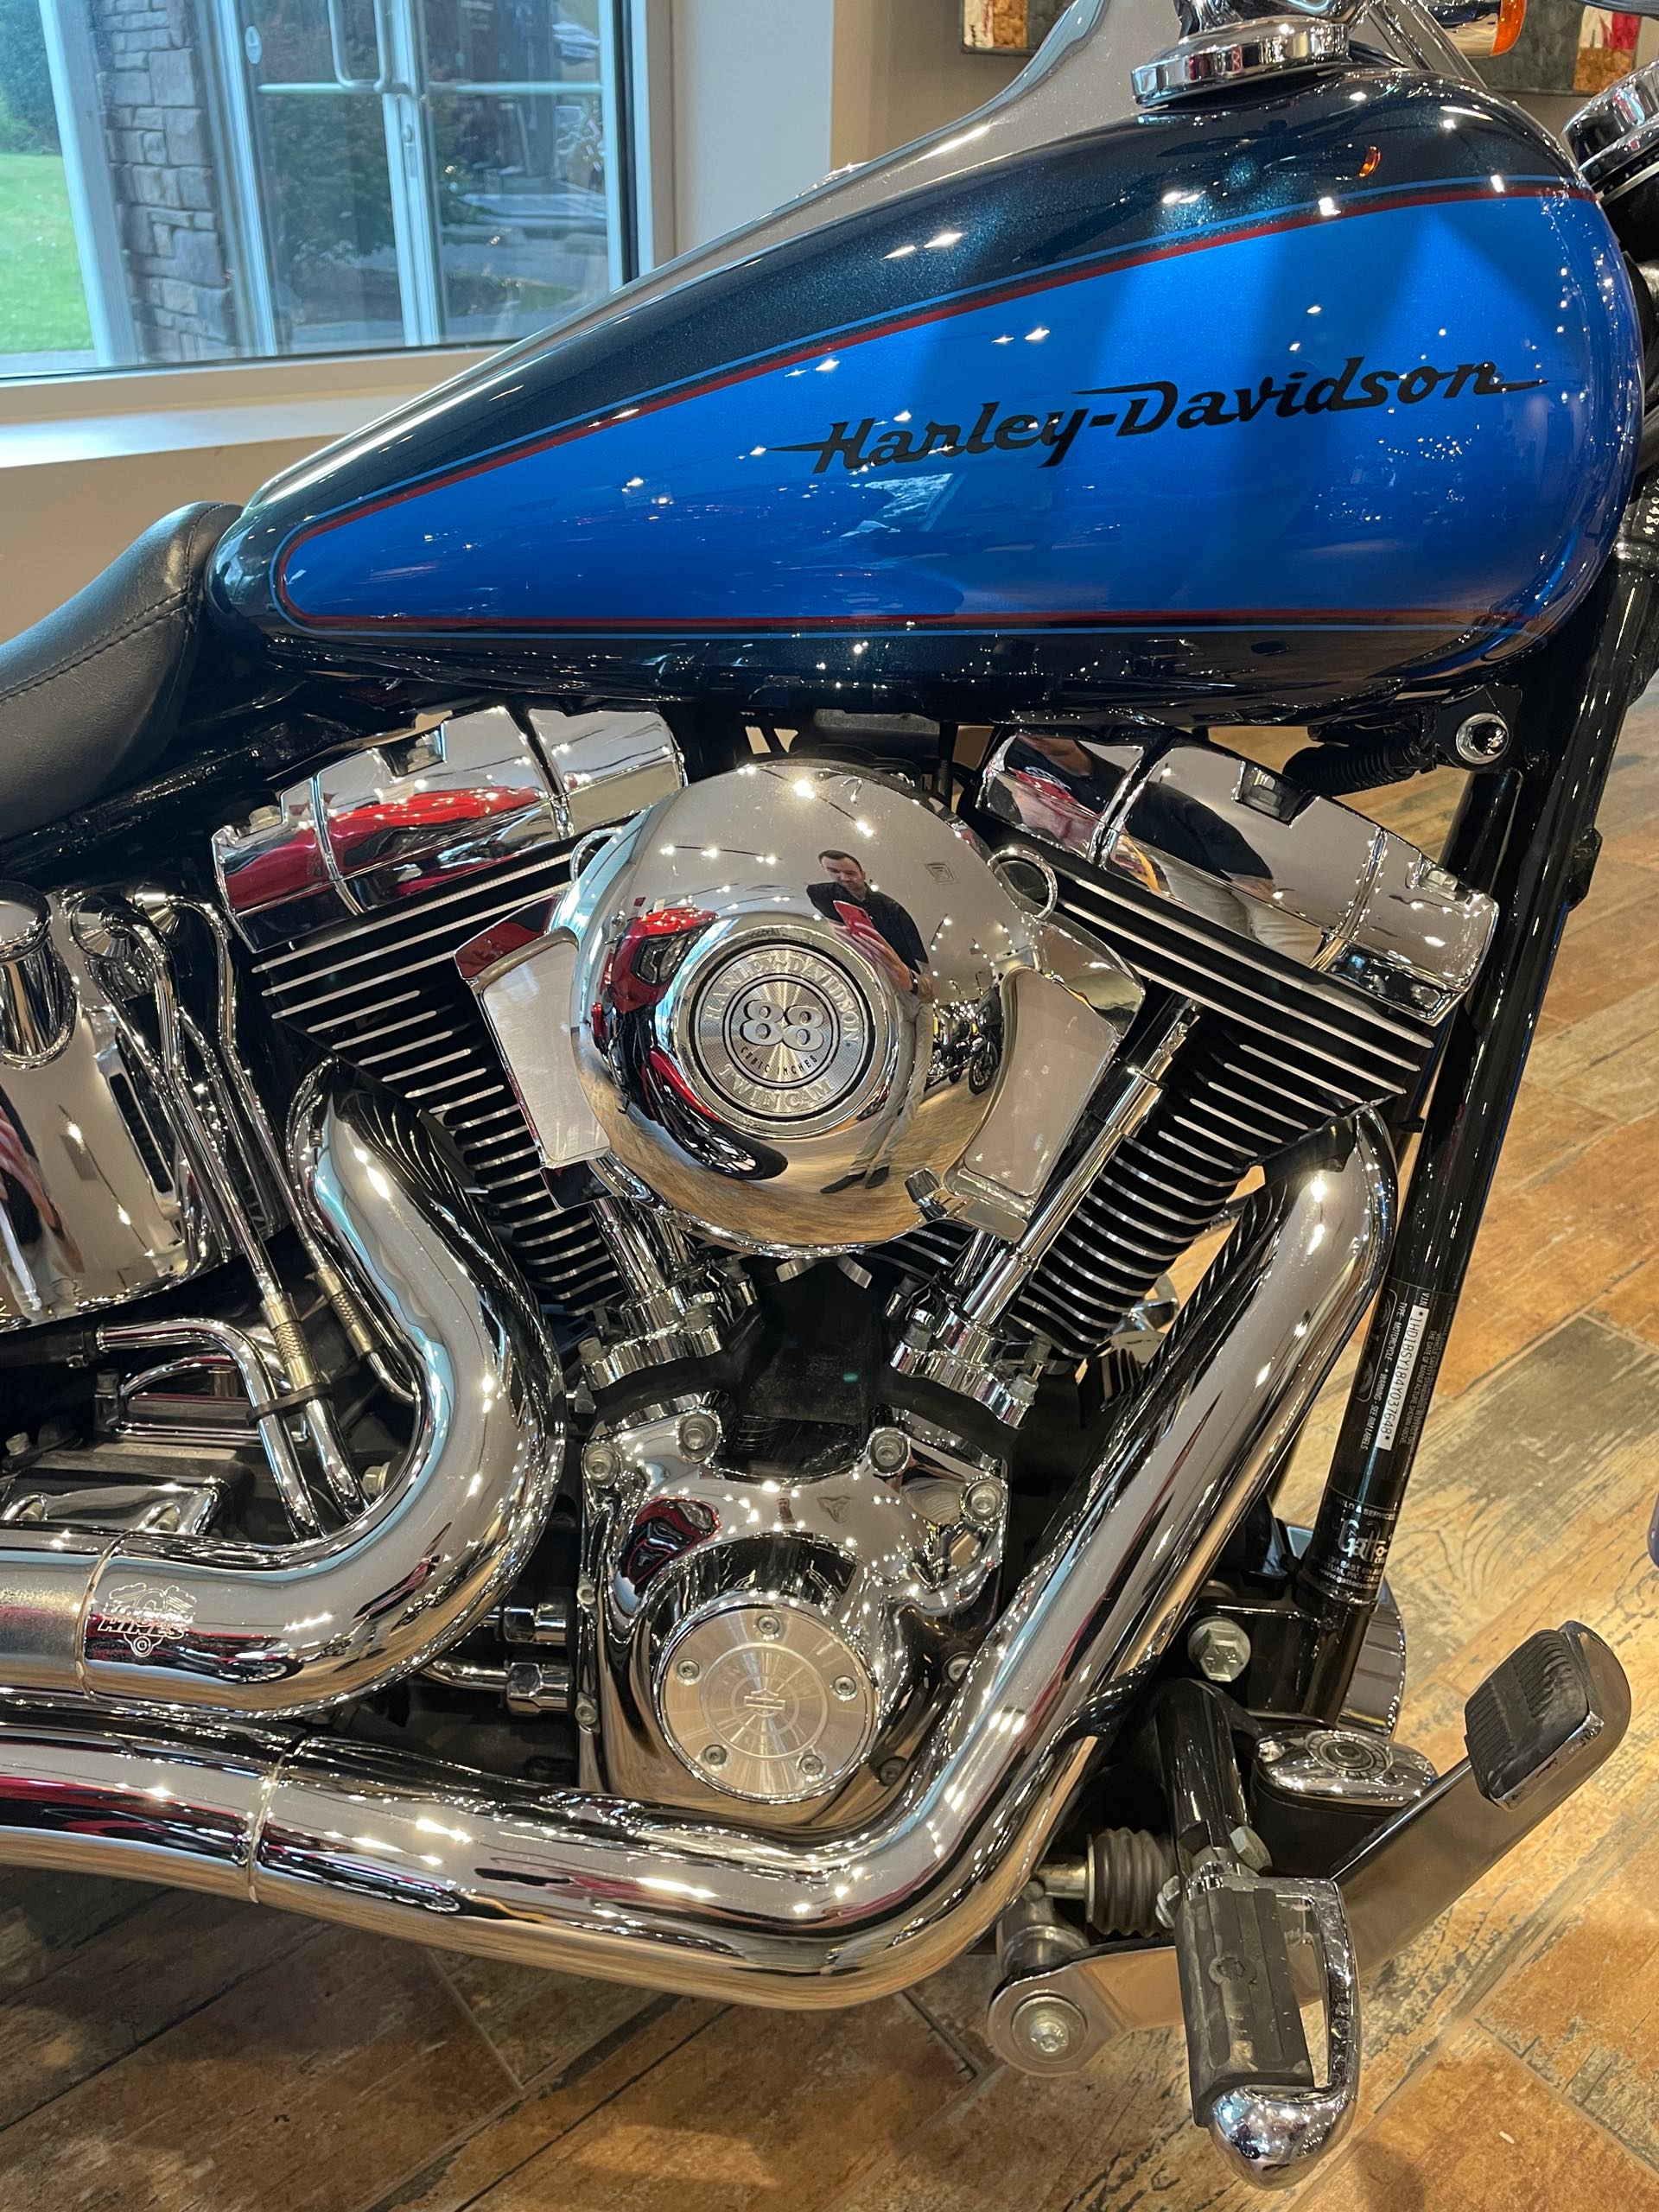 2004 Harley-Davidson Softail Deuce at Pitt Cycles